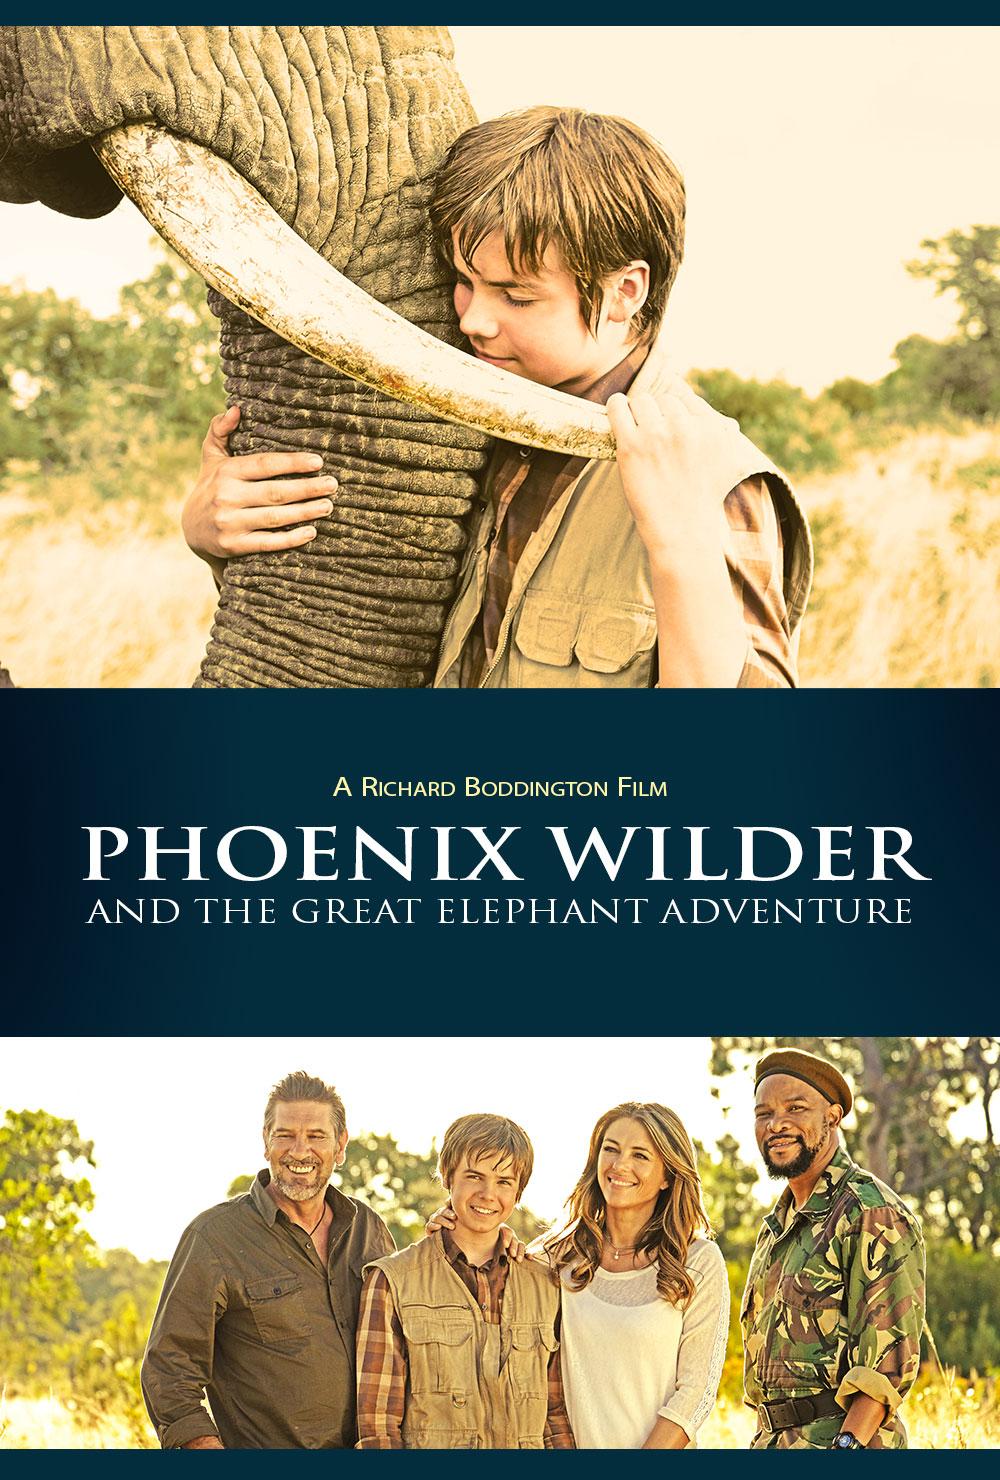 Phoenix Wilder